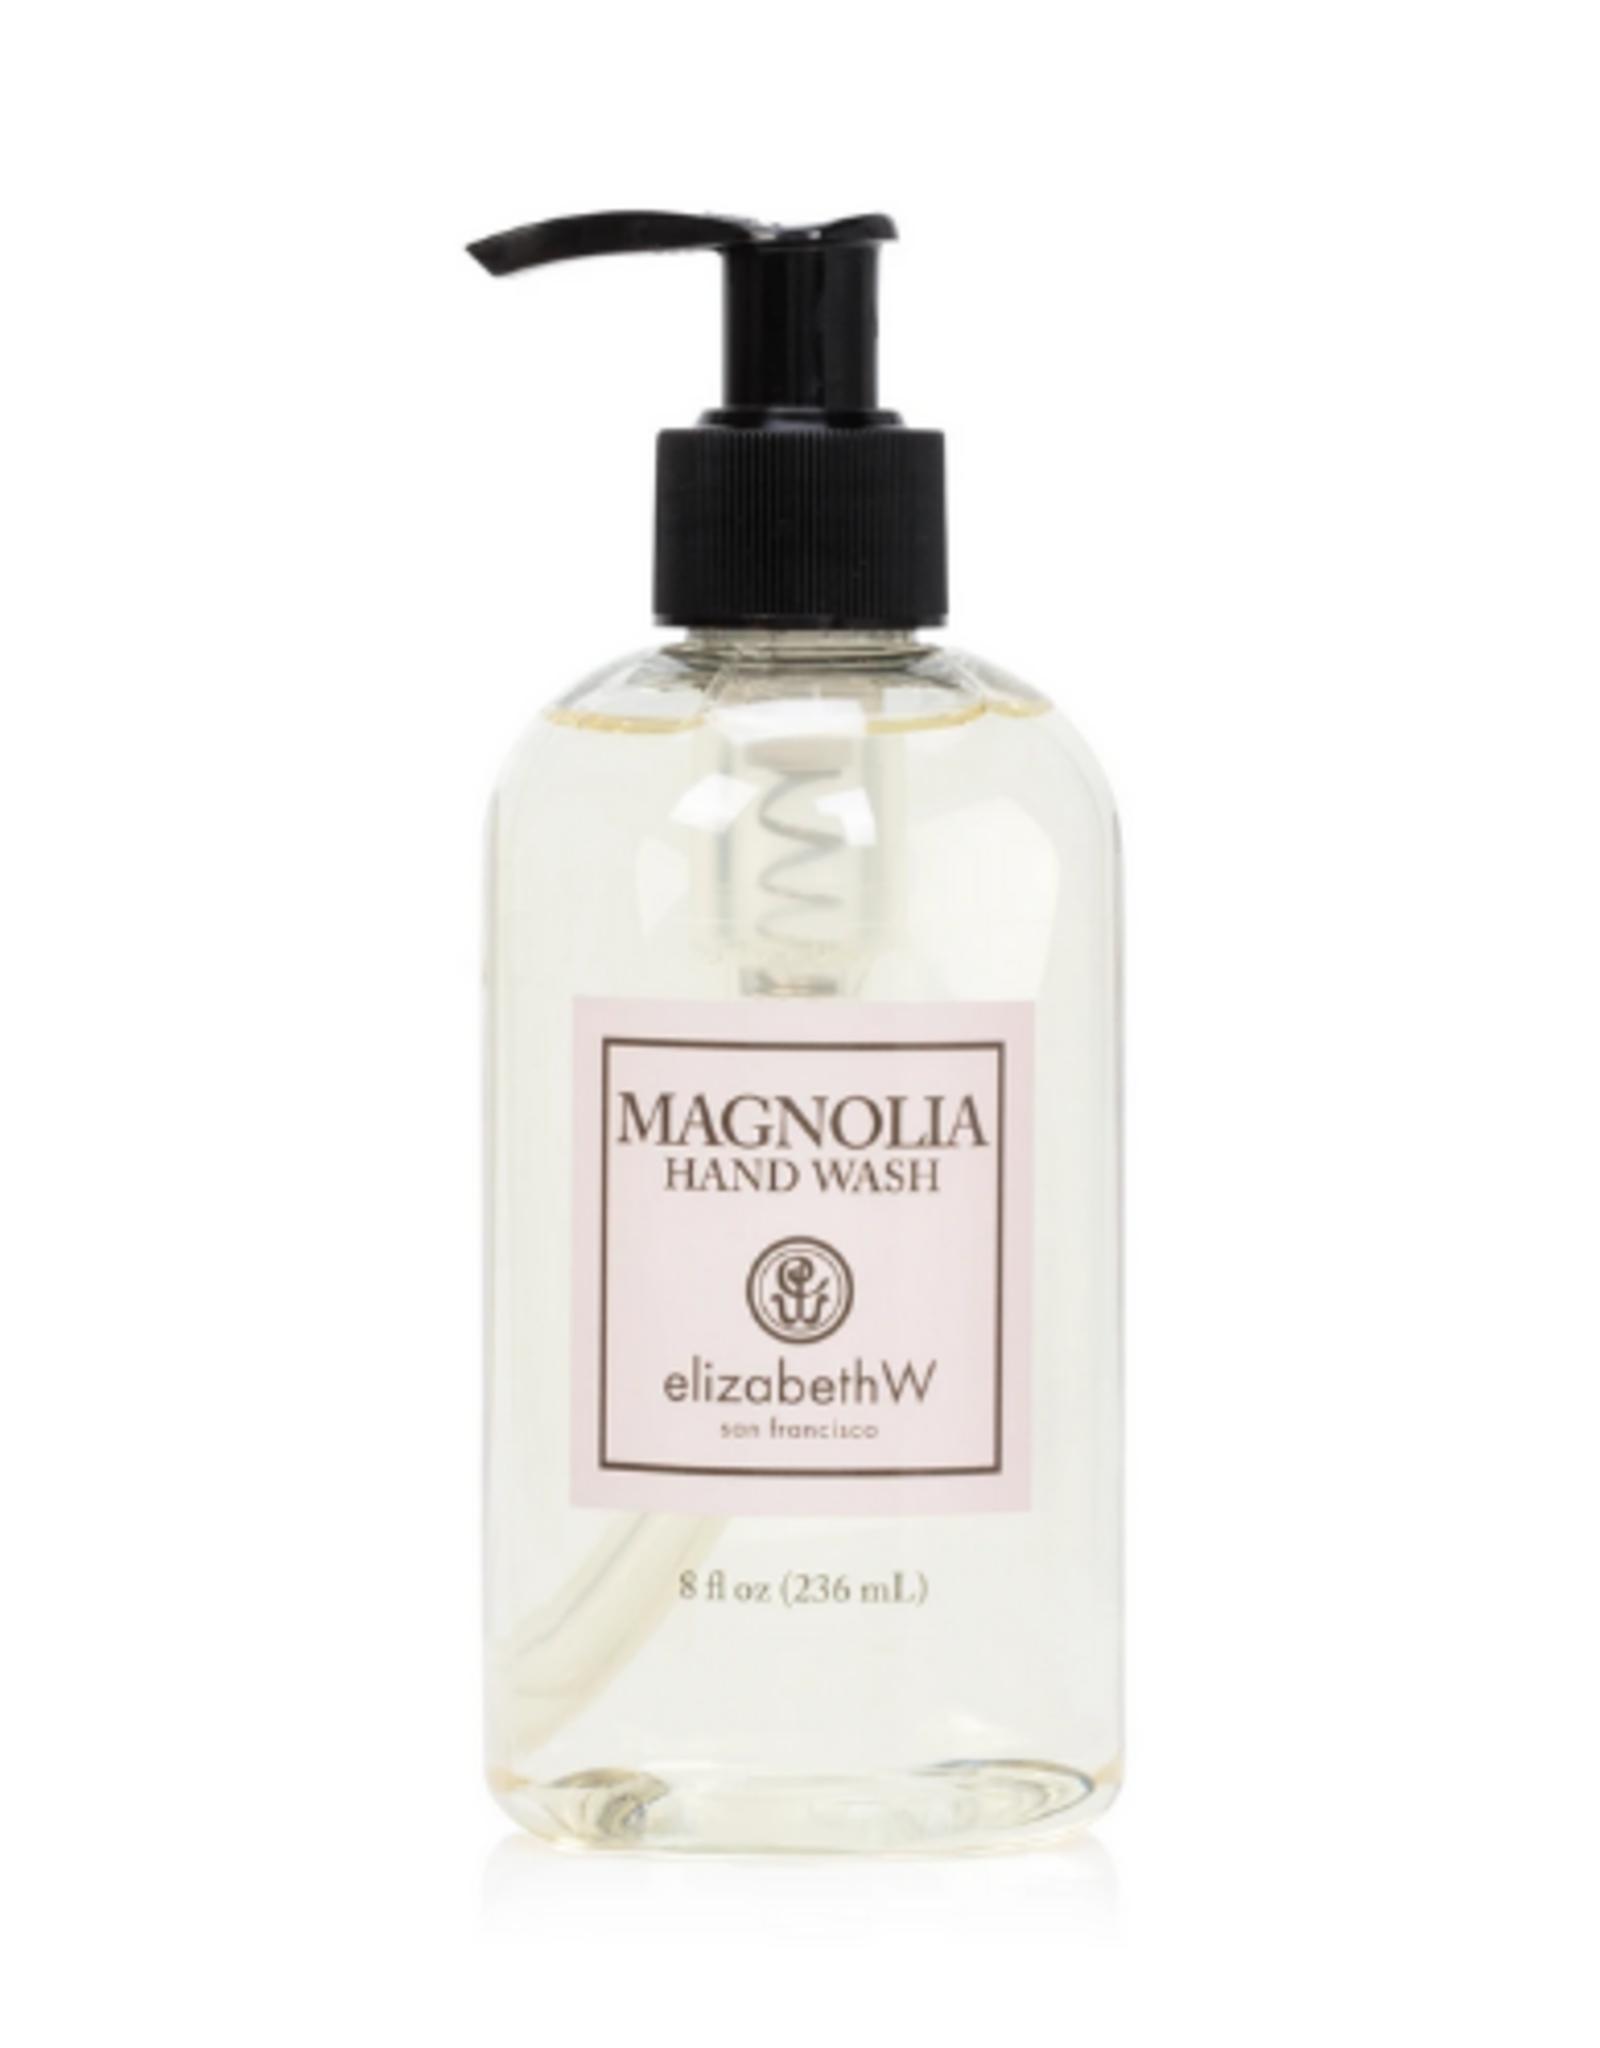 ELIZABETH W Hand Wash - Magnolia